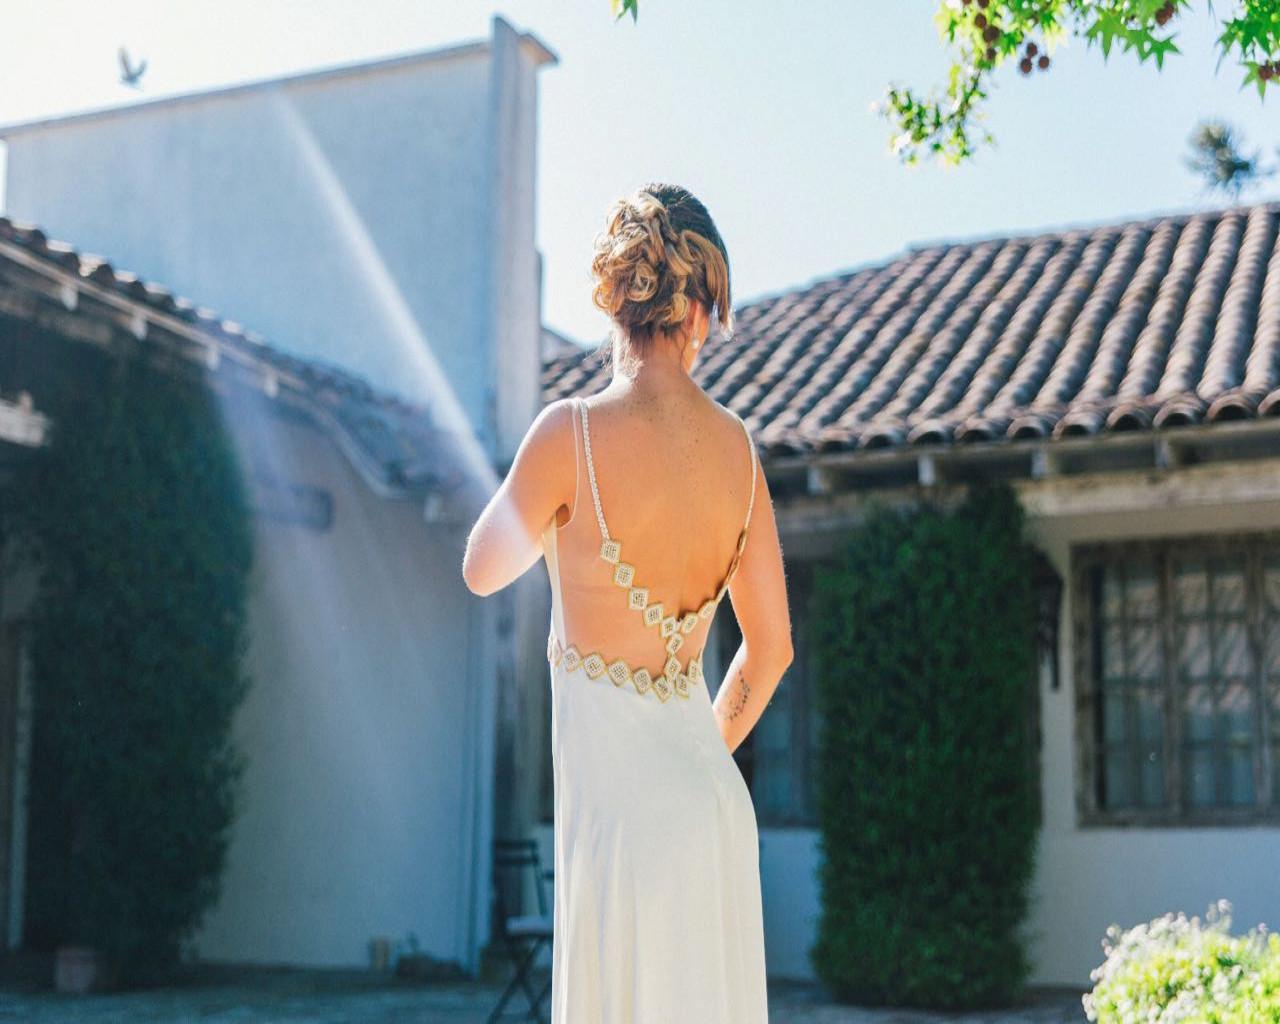 Showroom de vestidos y trajes de boda usados | Mi Vestido